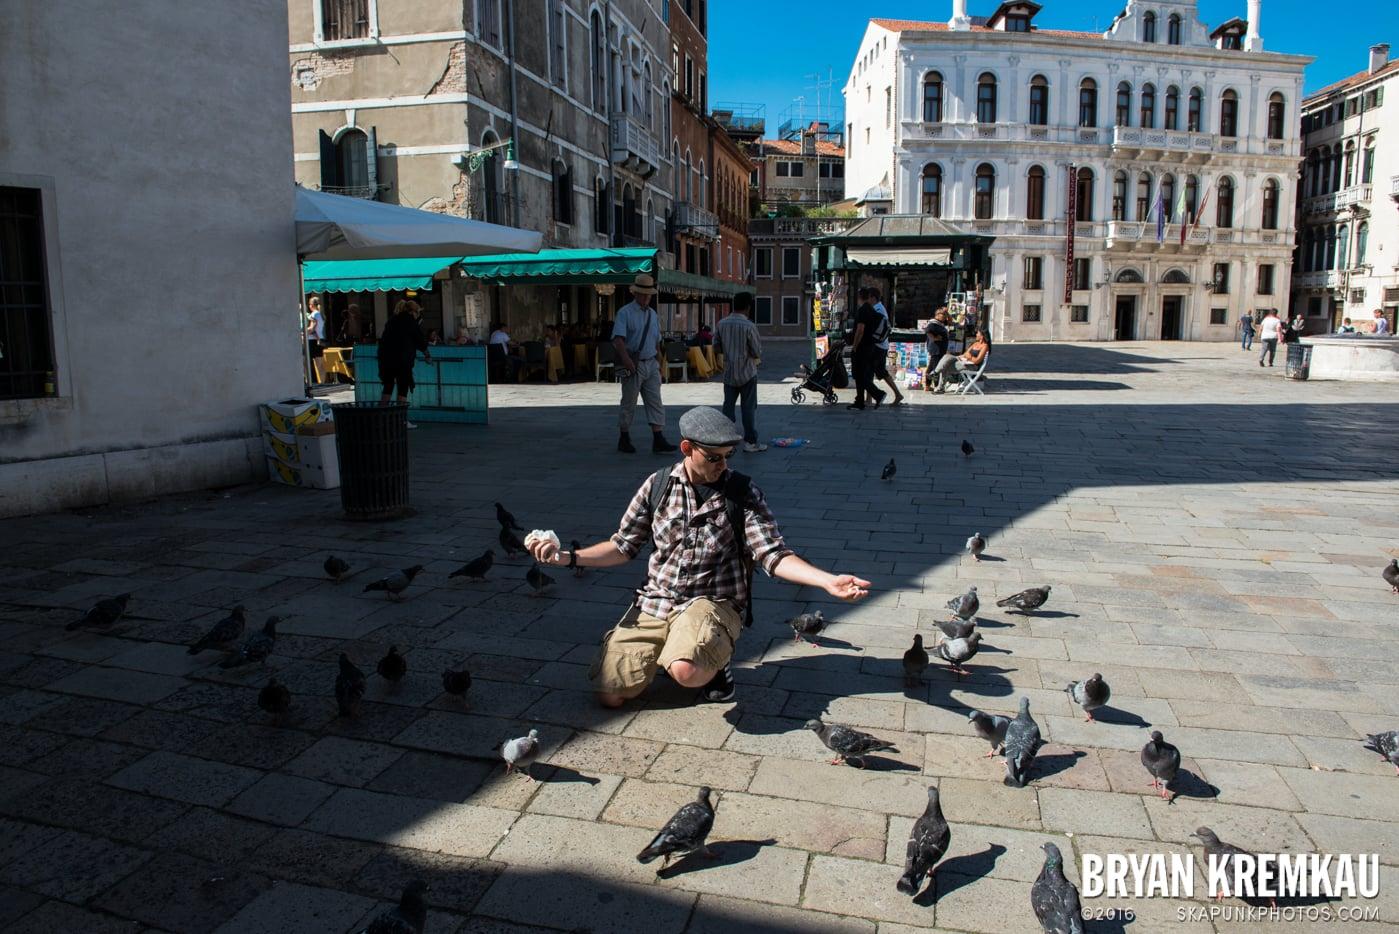 Italy Vacation - Day 4: Venice - 9.12.13 (75)